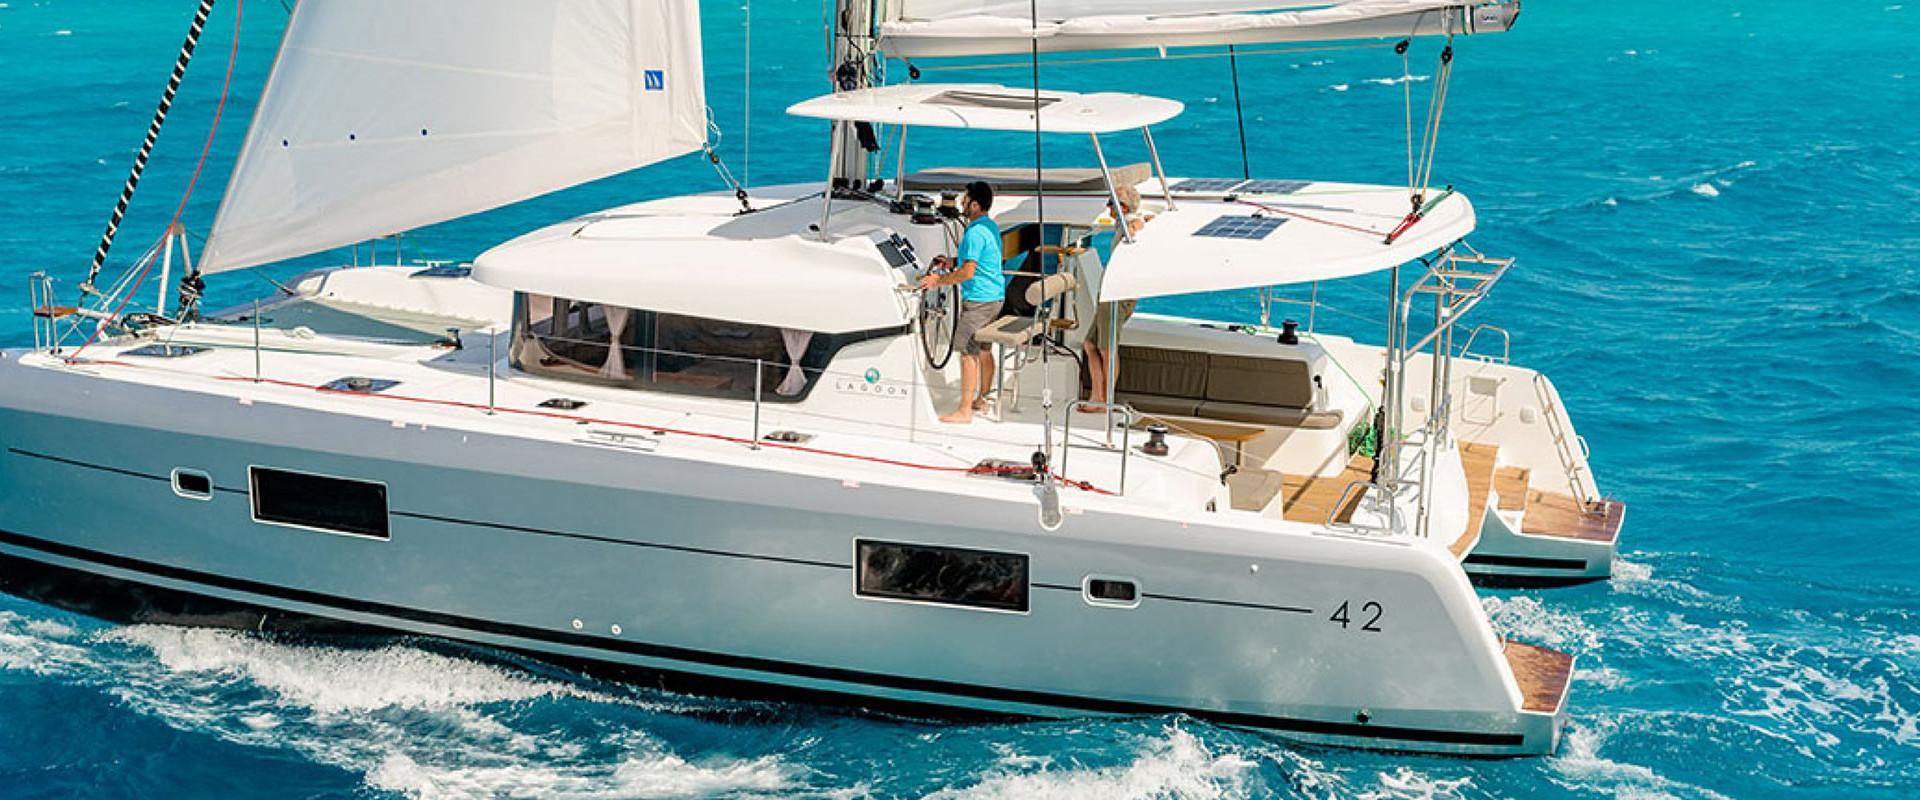 Fantasea-sailing-catamaran-charter-a-yac